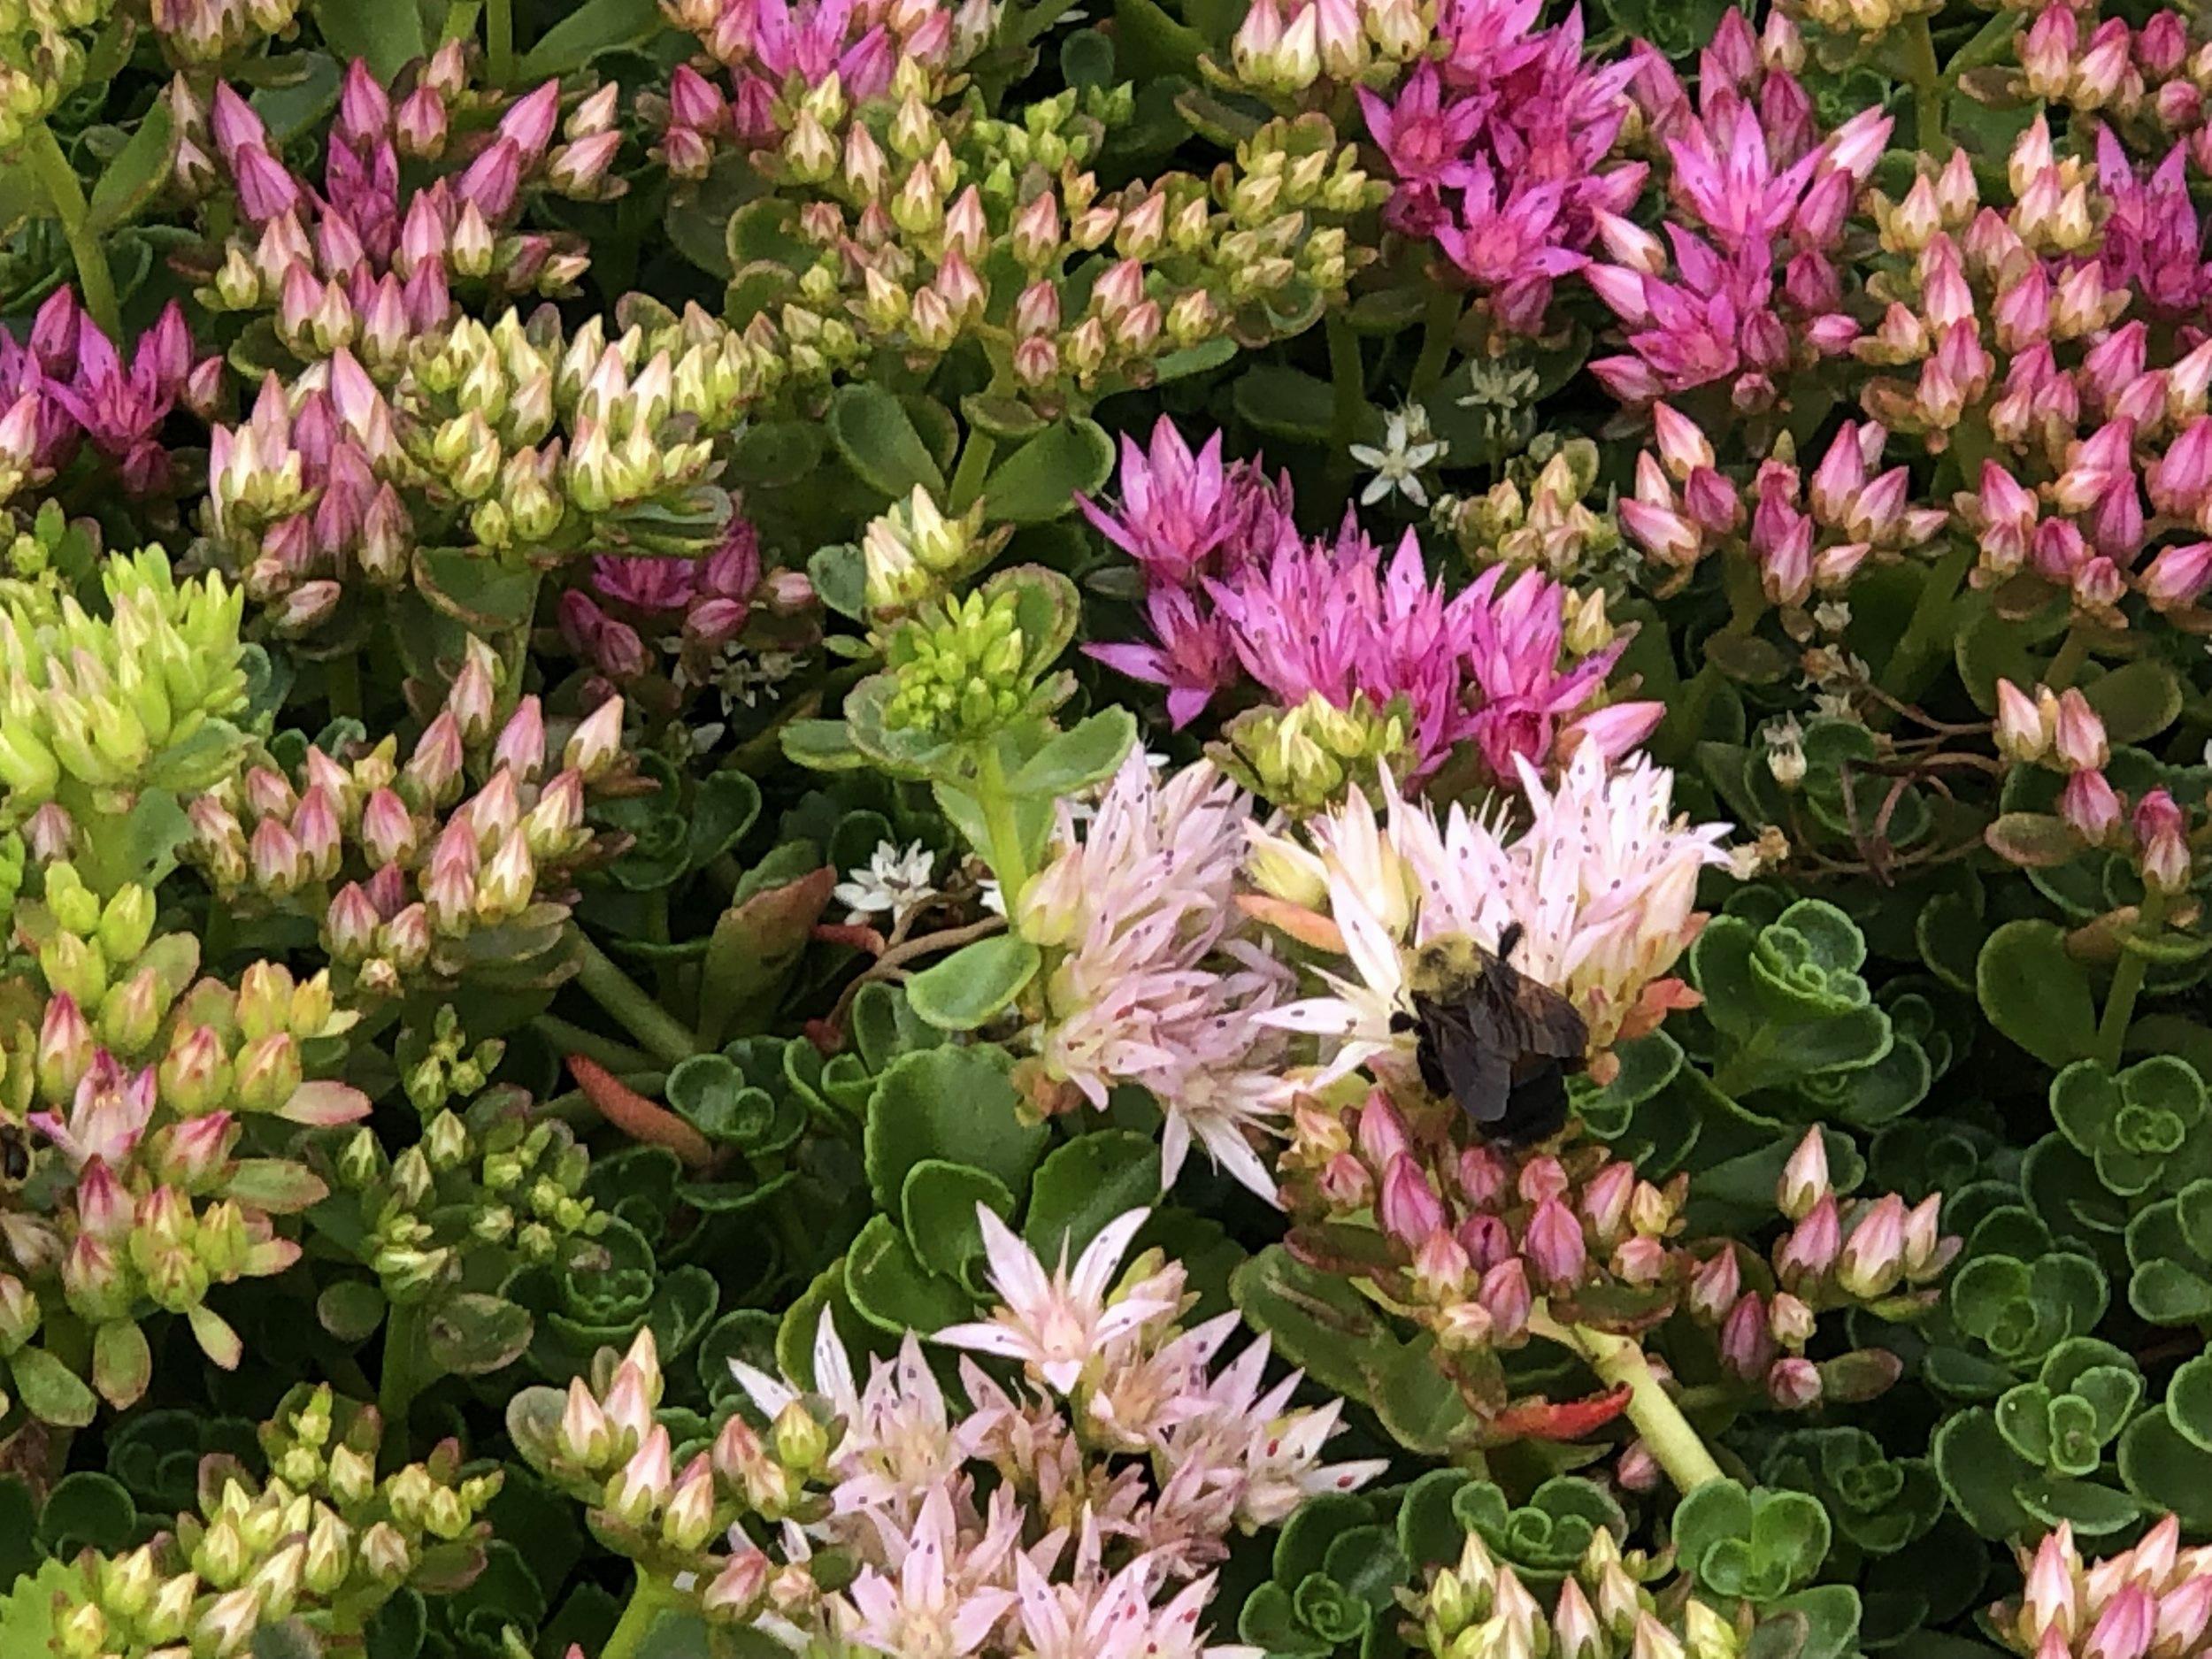 FLOWER+IMAGE_4.jpg